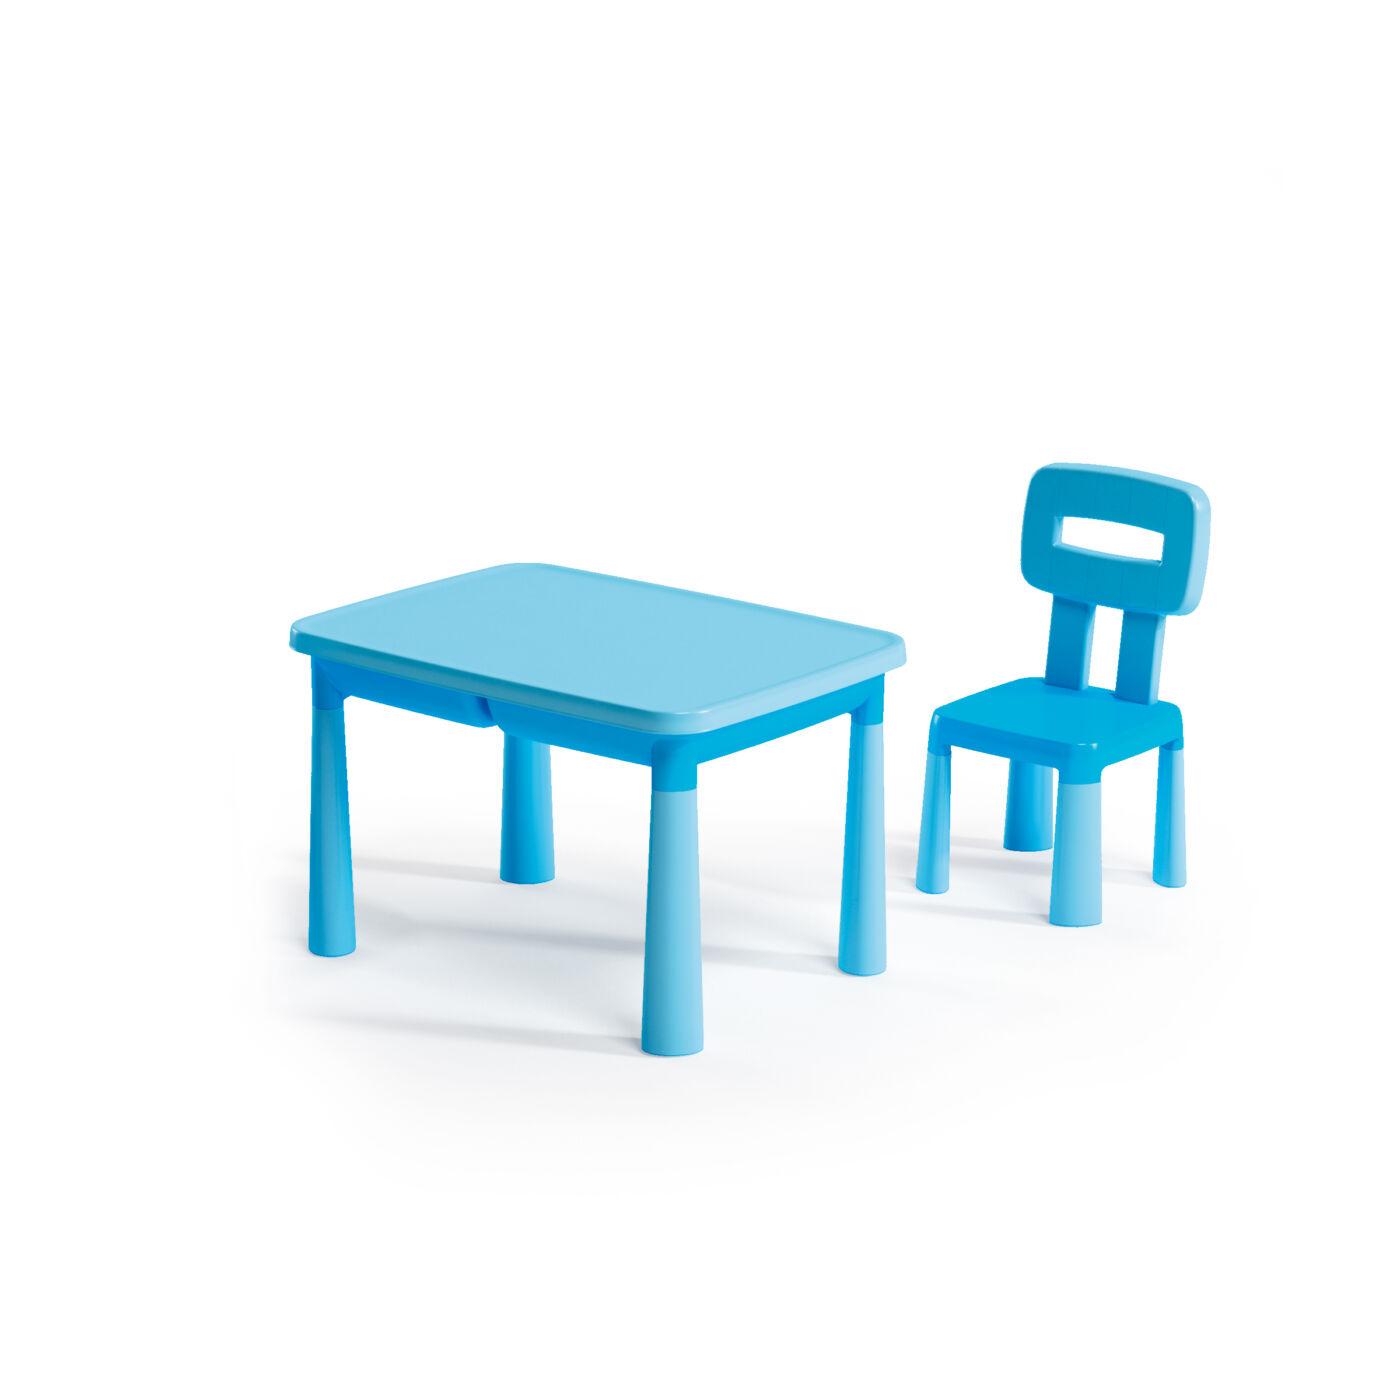 Műanyag gyermekasztal+szék kék